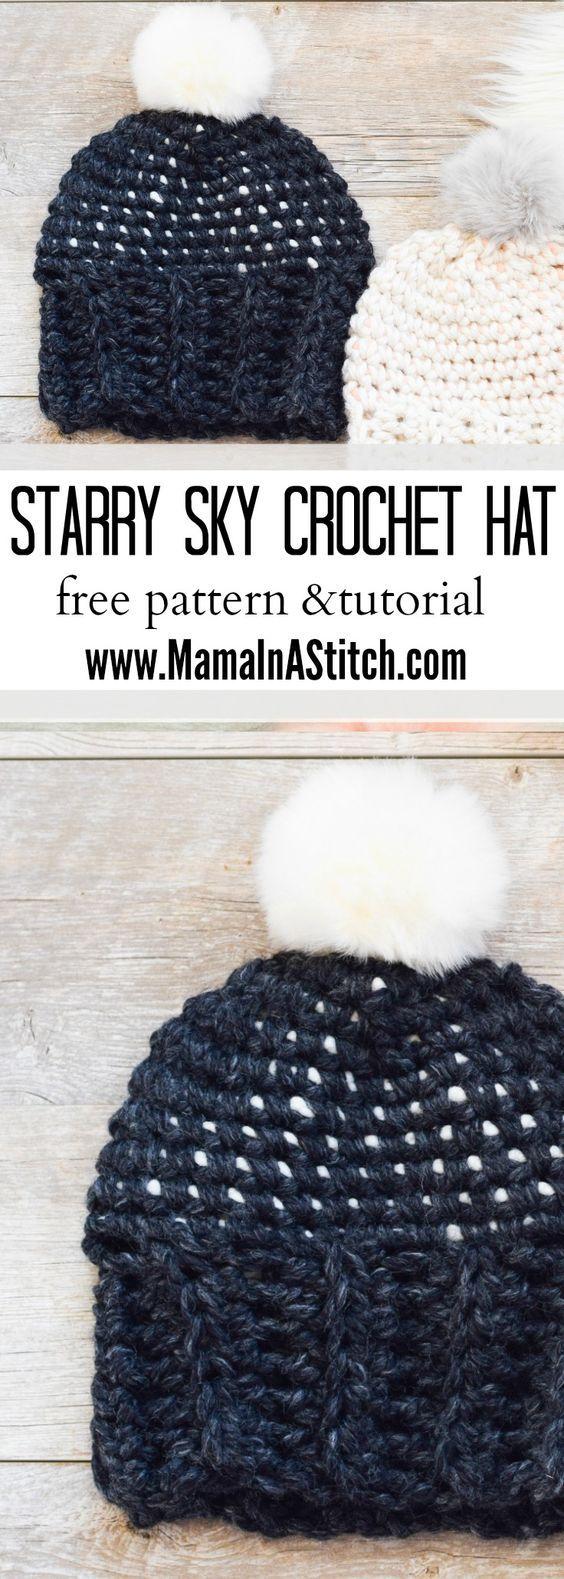 Super easy, free crochet \